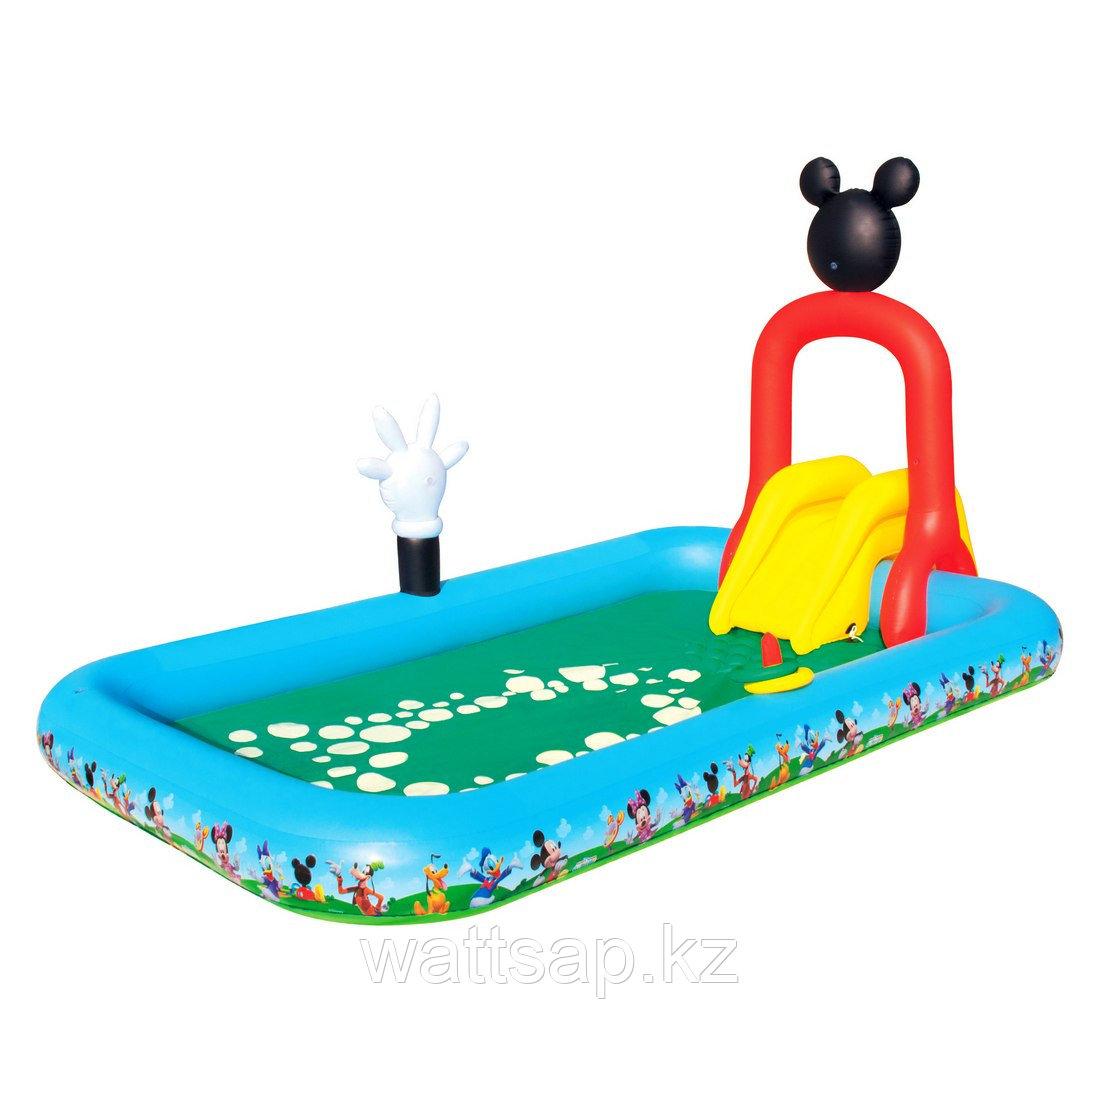 Надувной бассейн, BESTWAY, 91016, 320х175х157, 436 литров, Винил, Бело-Зелёный, Цветная коробка